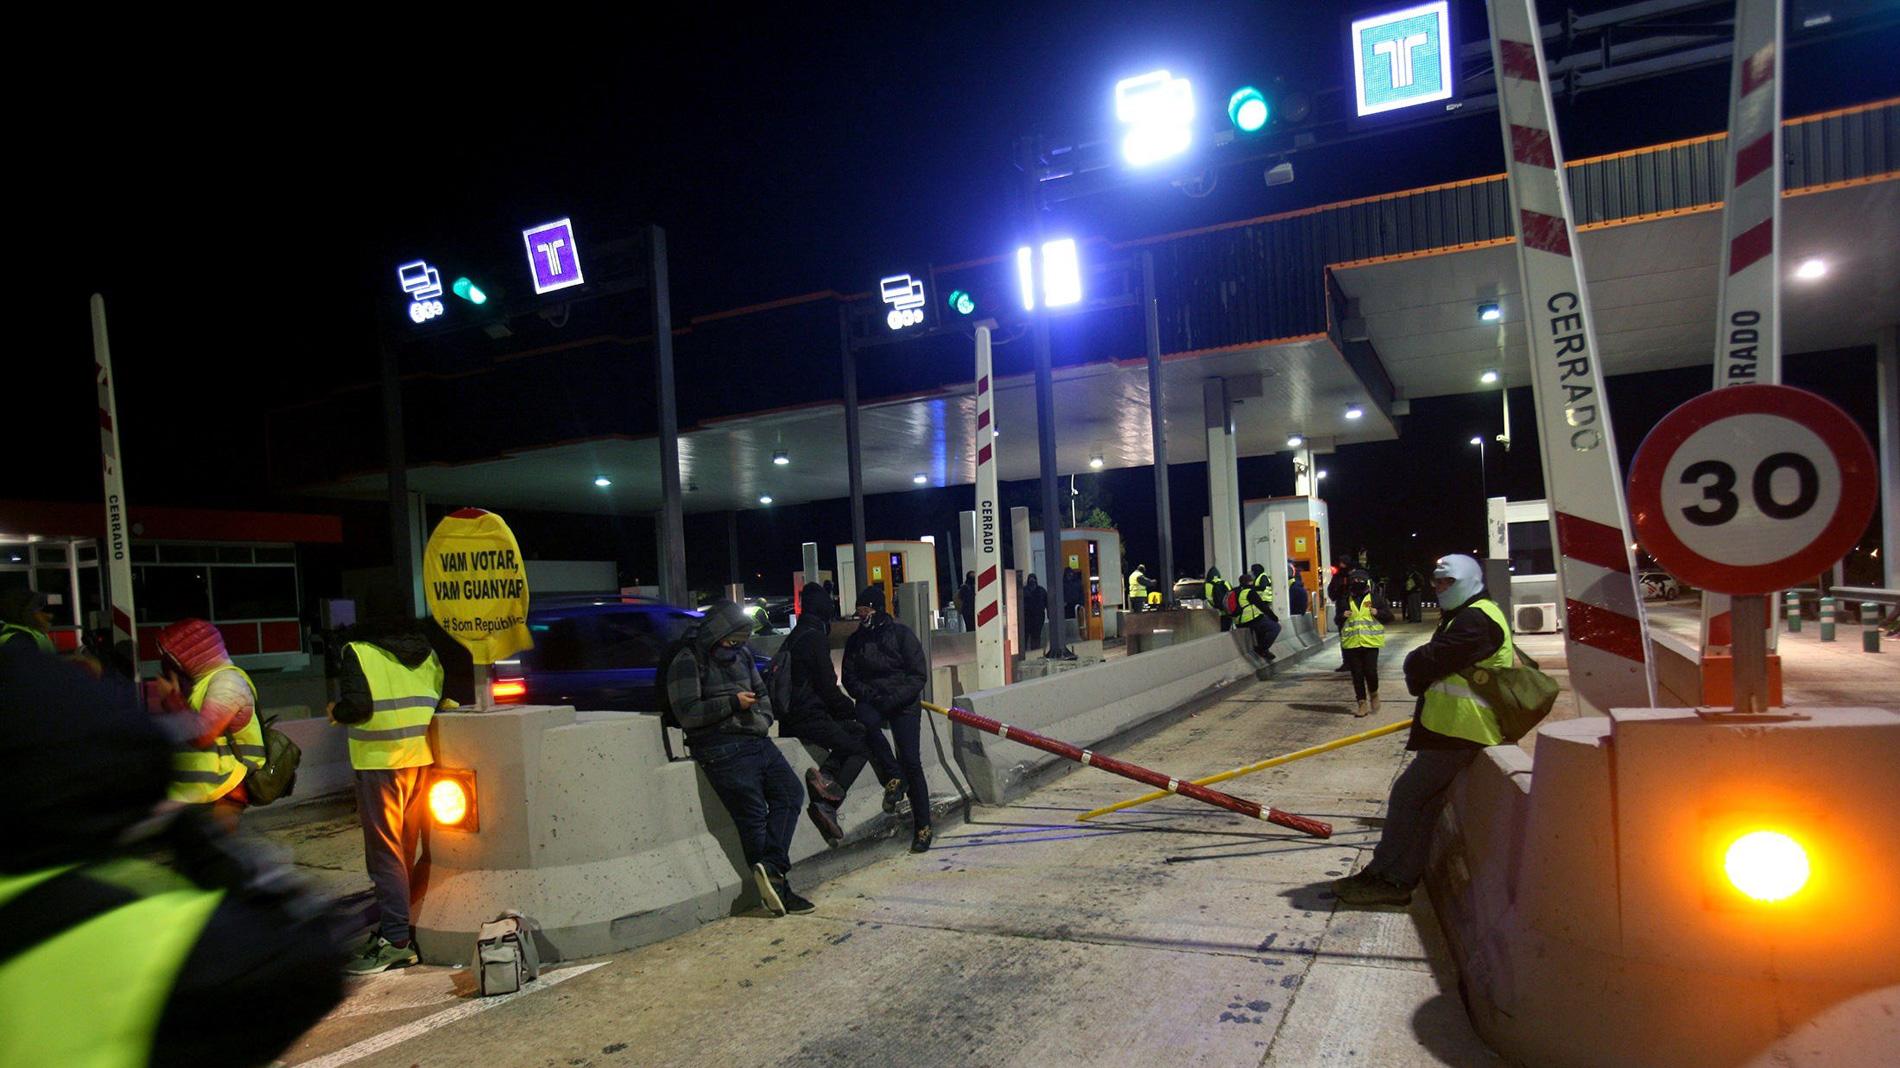 Los CDR levantan los peajes de varias autopistas de Cataluña